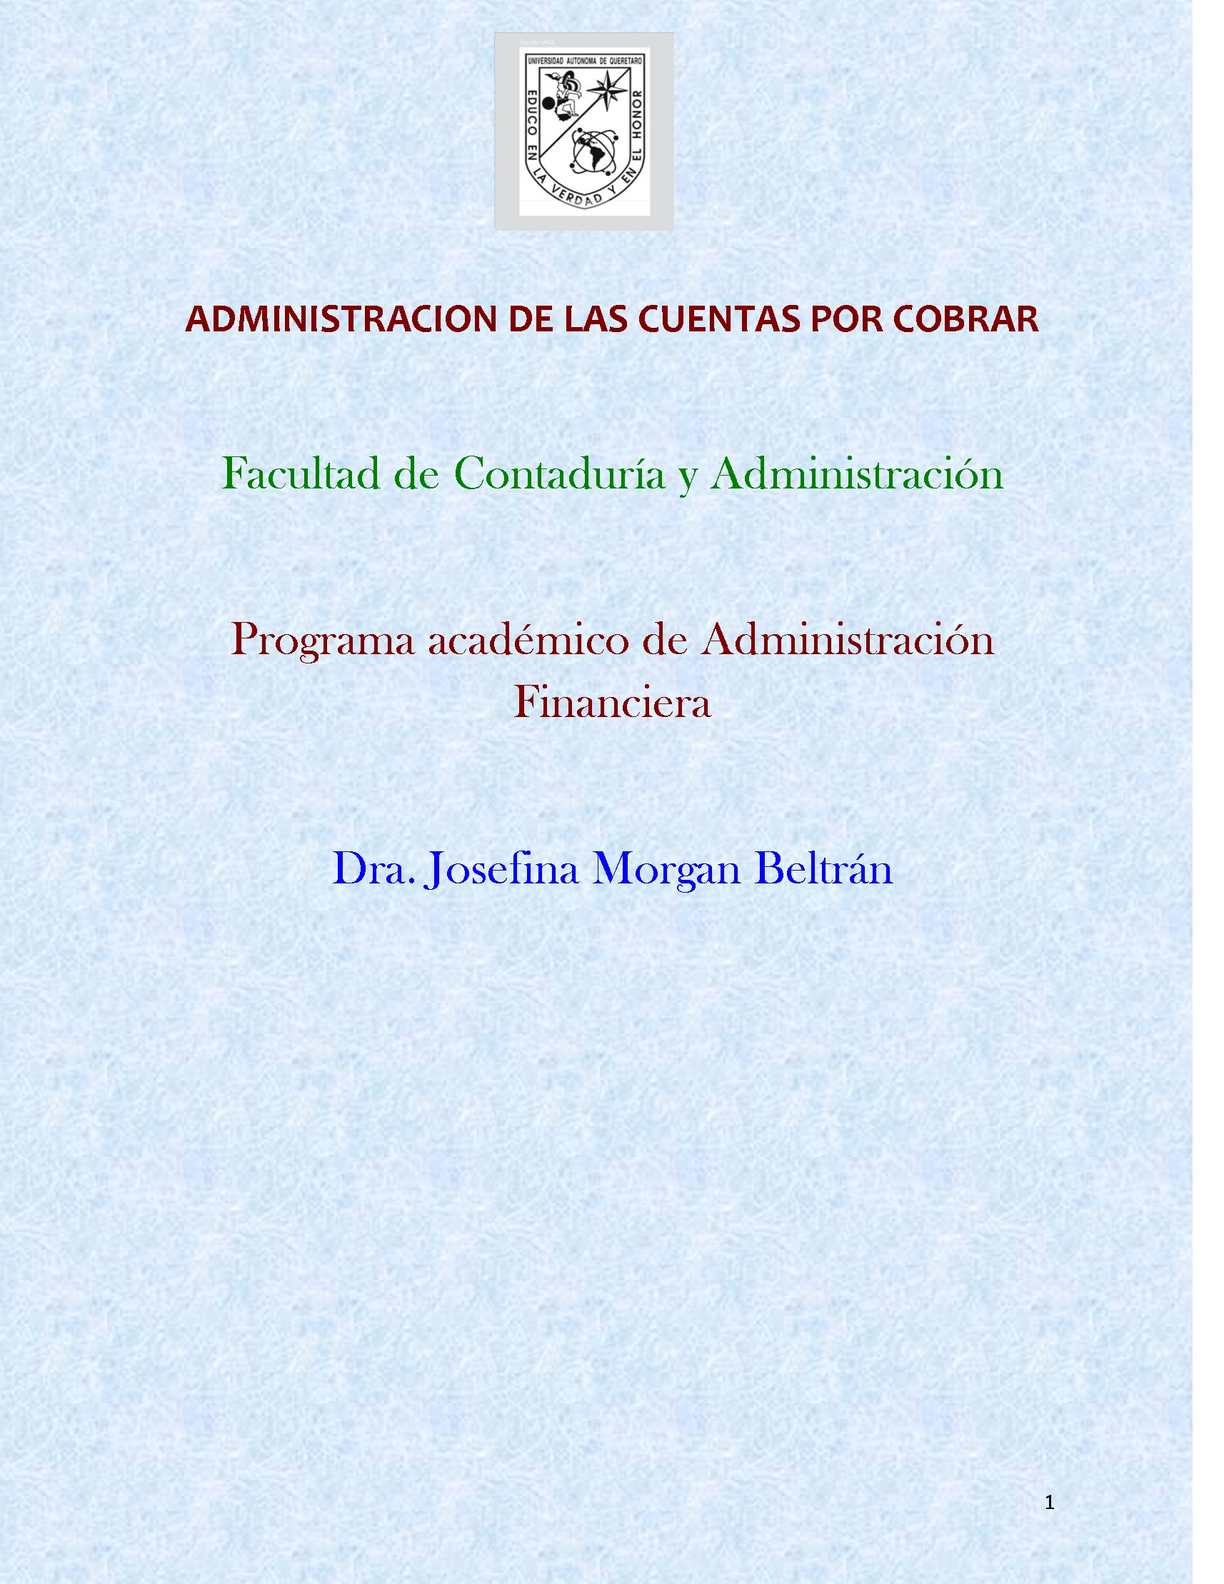 Calaméo - ADMINISTRACION DE LAS CUENTAS POR COBRAR